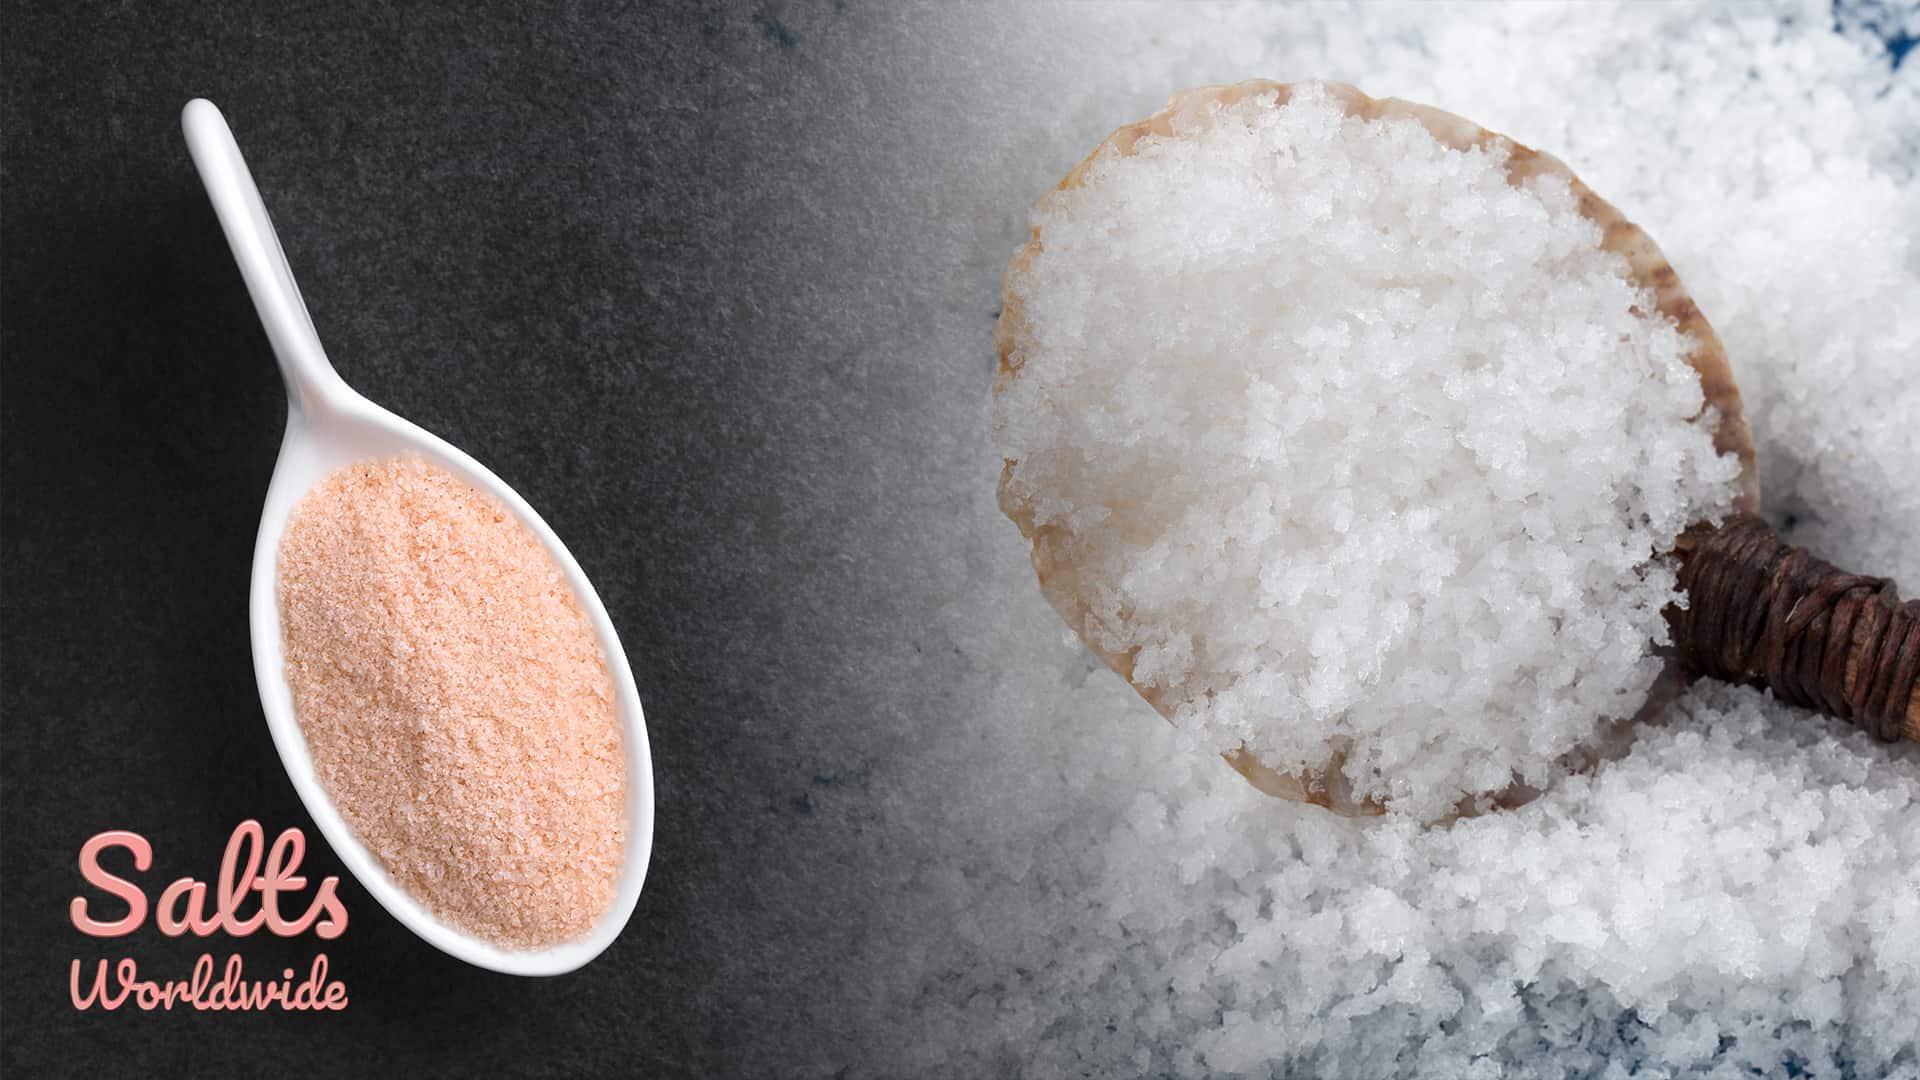 Pink Himalayan Salt Versus Sea Salt - Himalayan Salt and Sea Salt Bath Scrubs